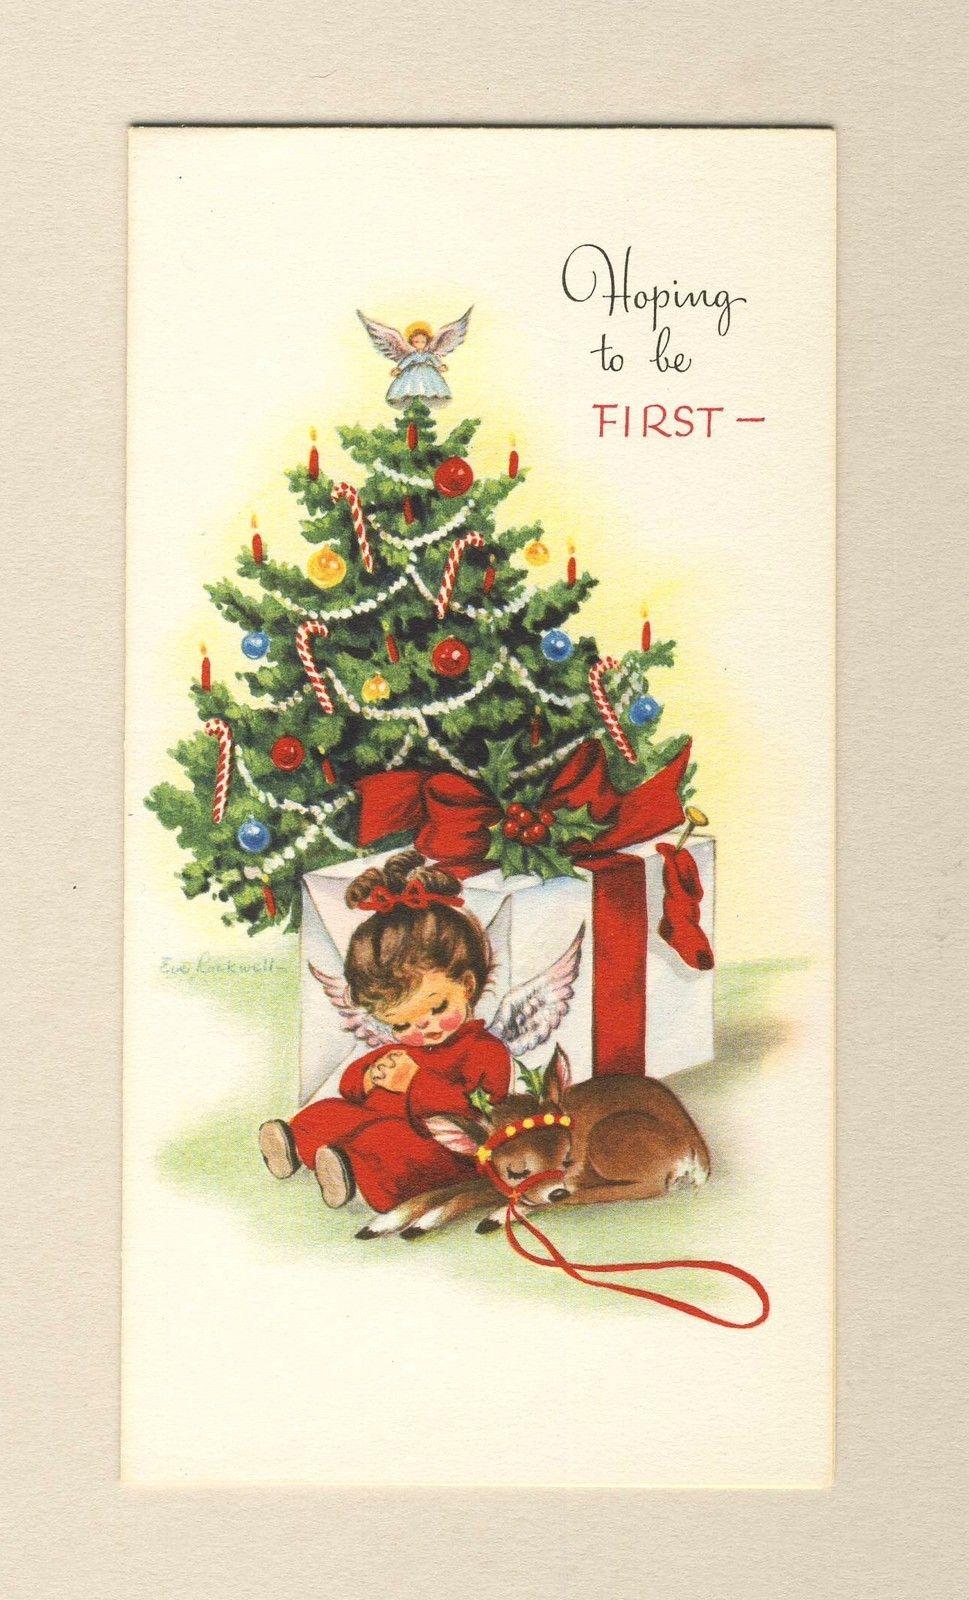 elegant vintage christmas eve images  best inspirational